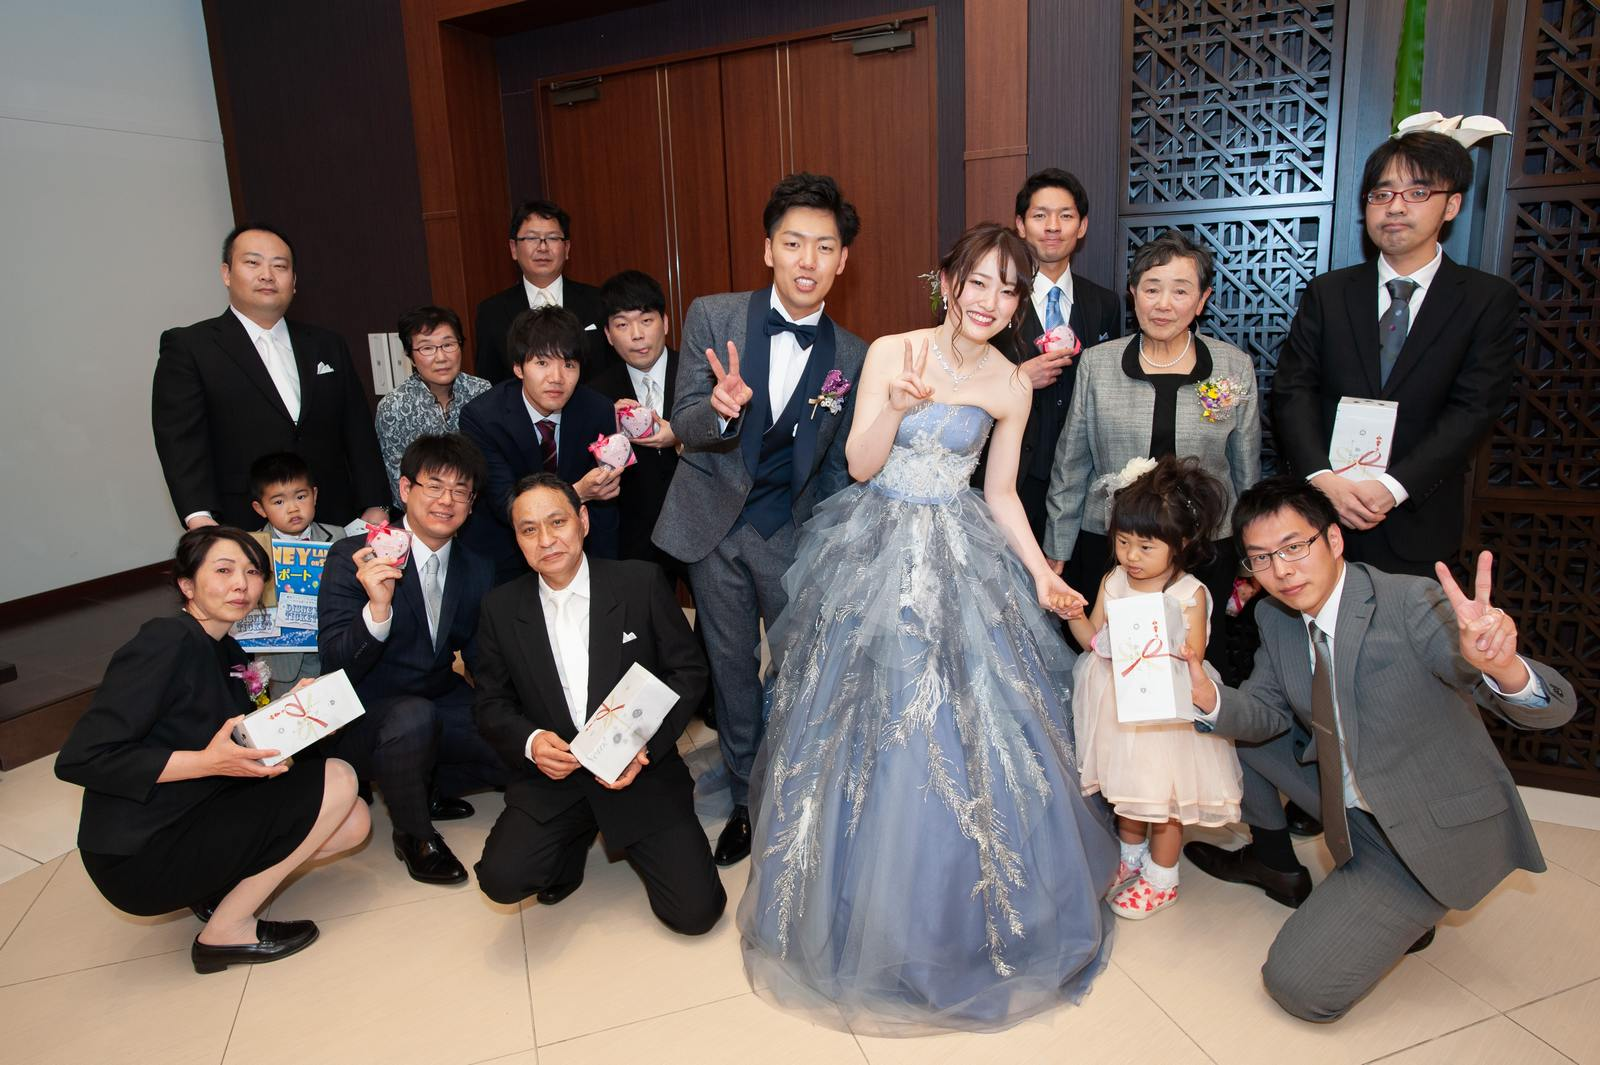 徳島県の結婚式場ブランアンジュの披露宴でゲームに参加してくれたゲストと記念写真